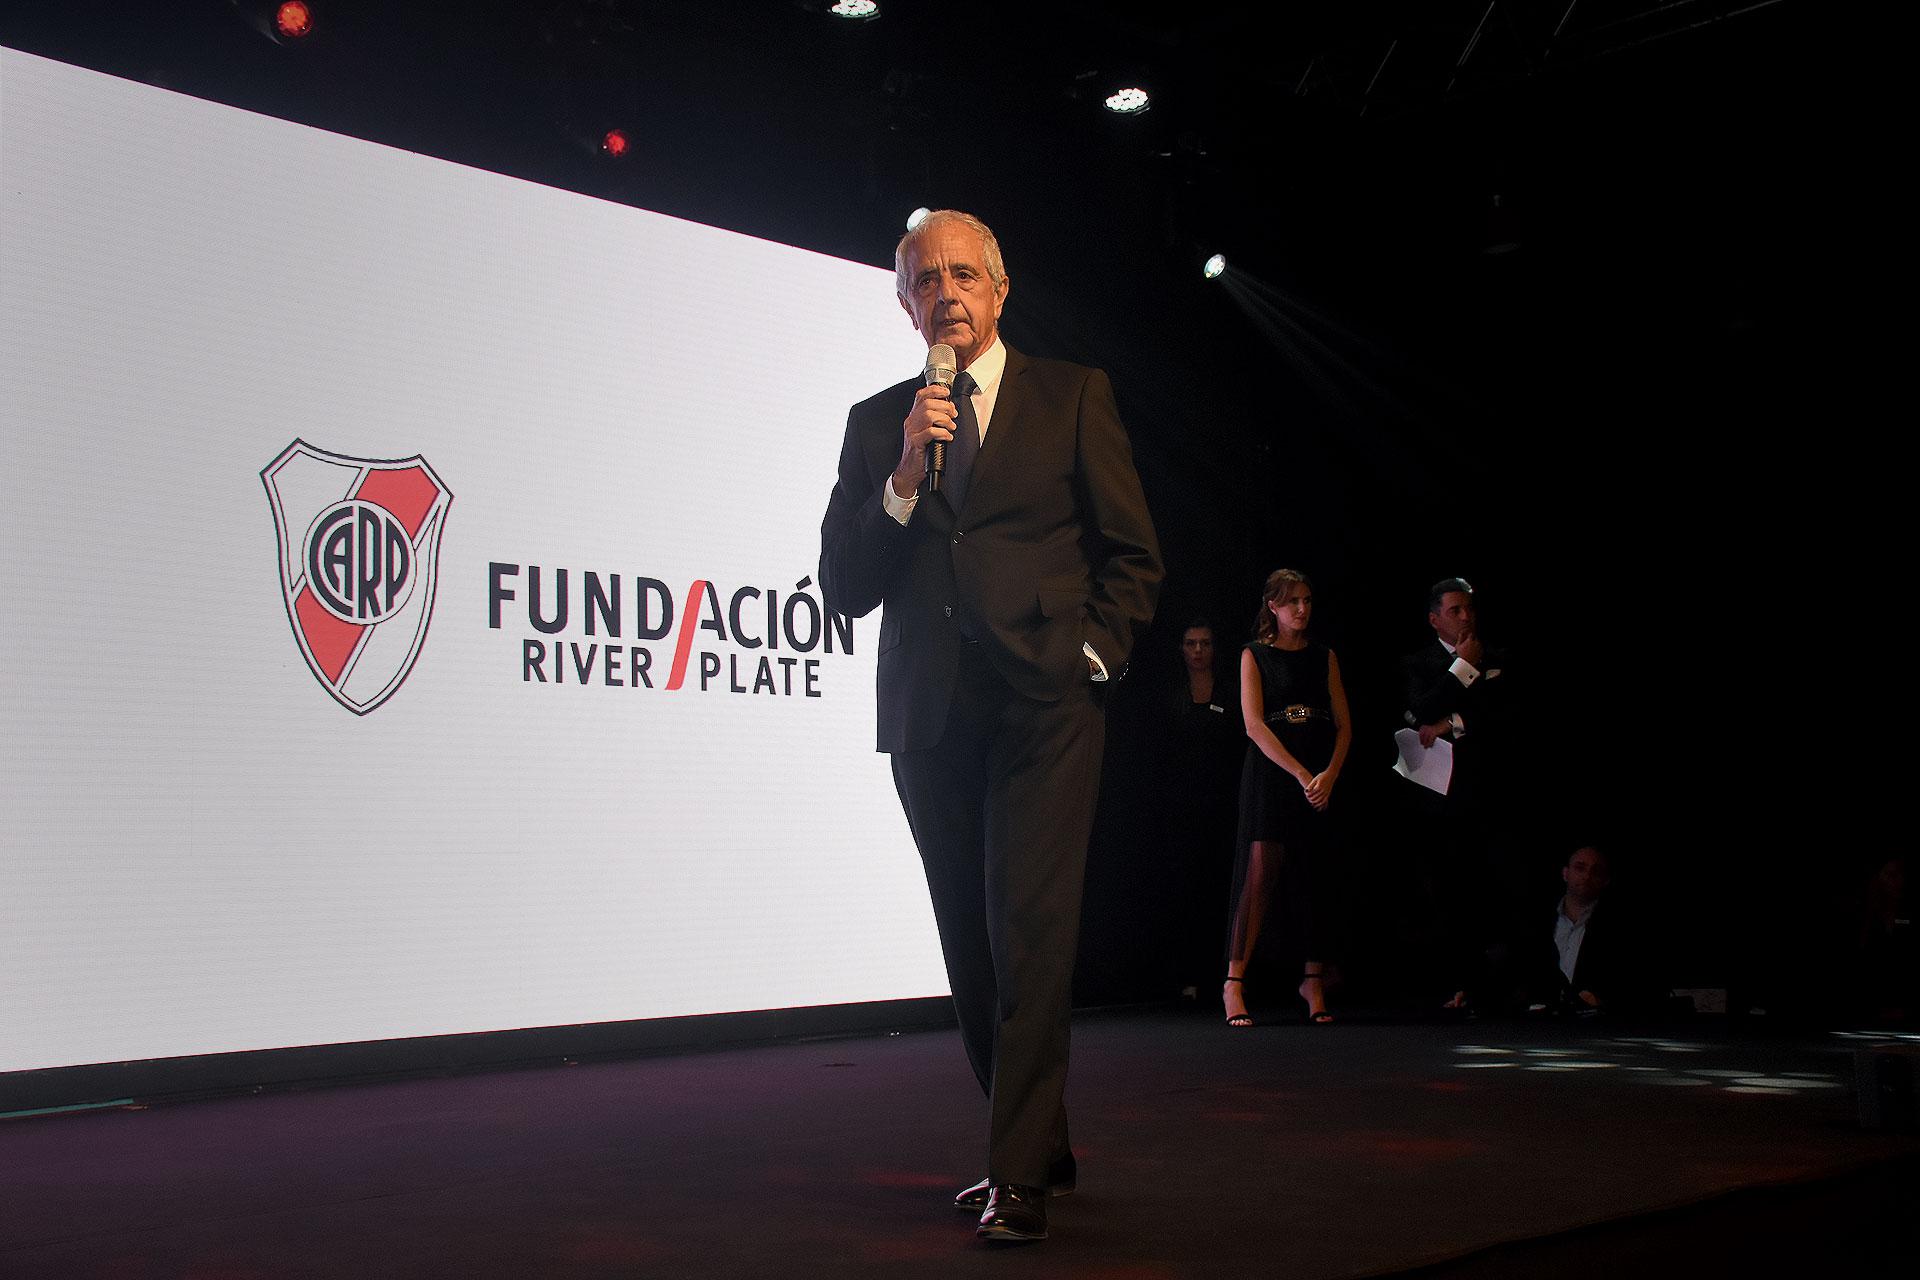 El presidente de River Plate, Rodolfo D'Onofrio, durante su discurso en la sexta cena anual a beneficio de la Fundación River